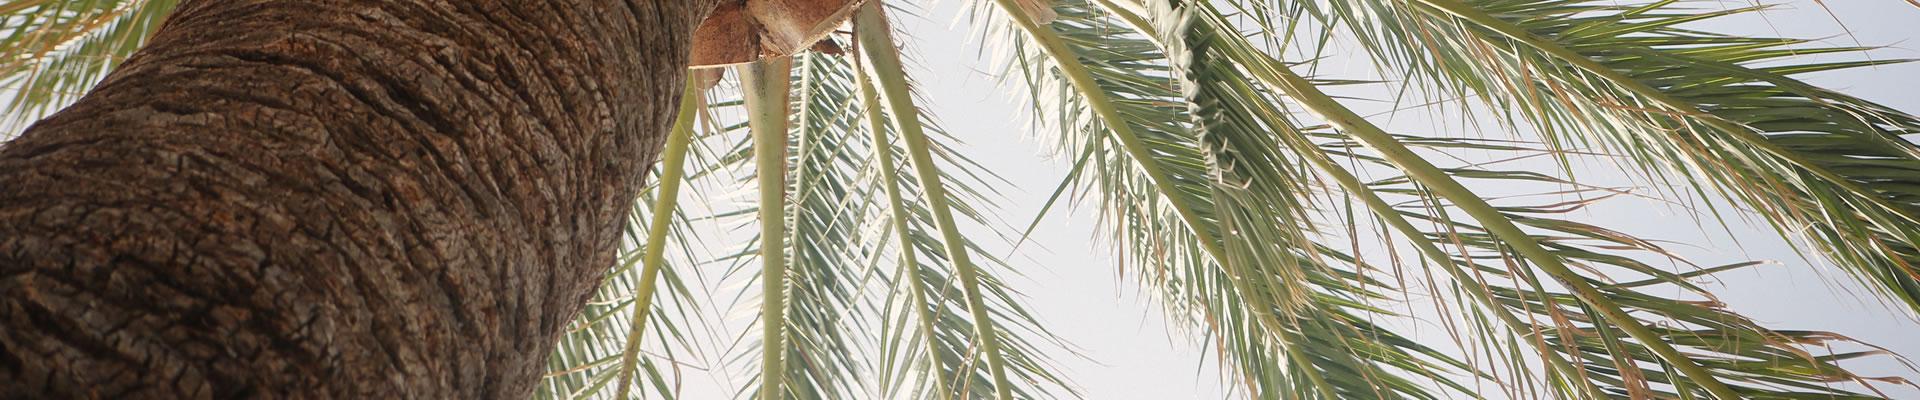 holly-hill-florida-tree-removal-company